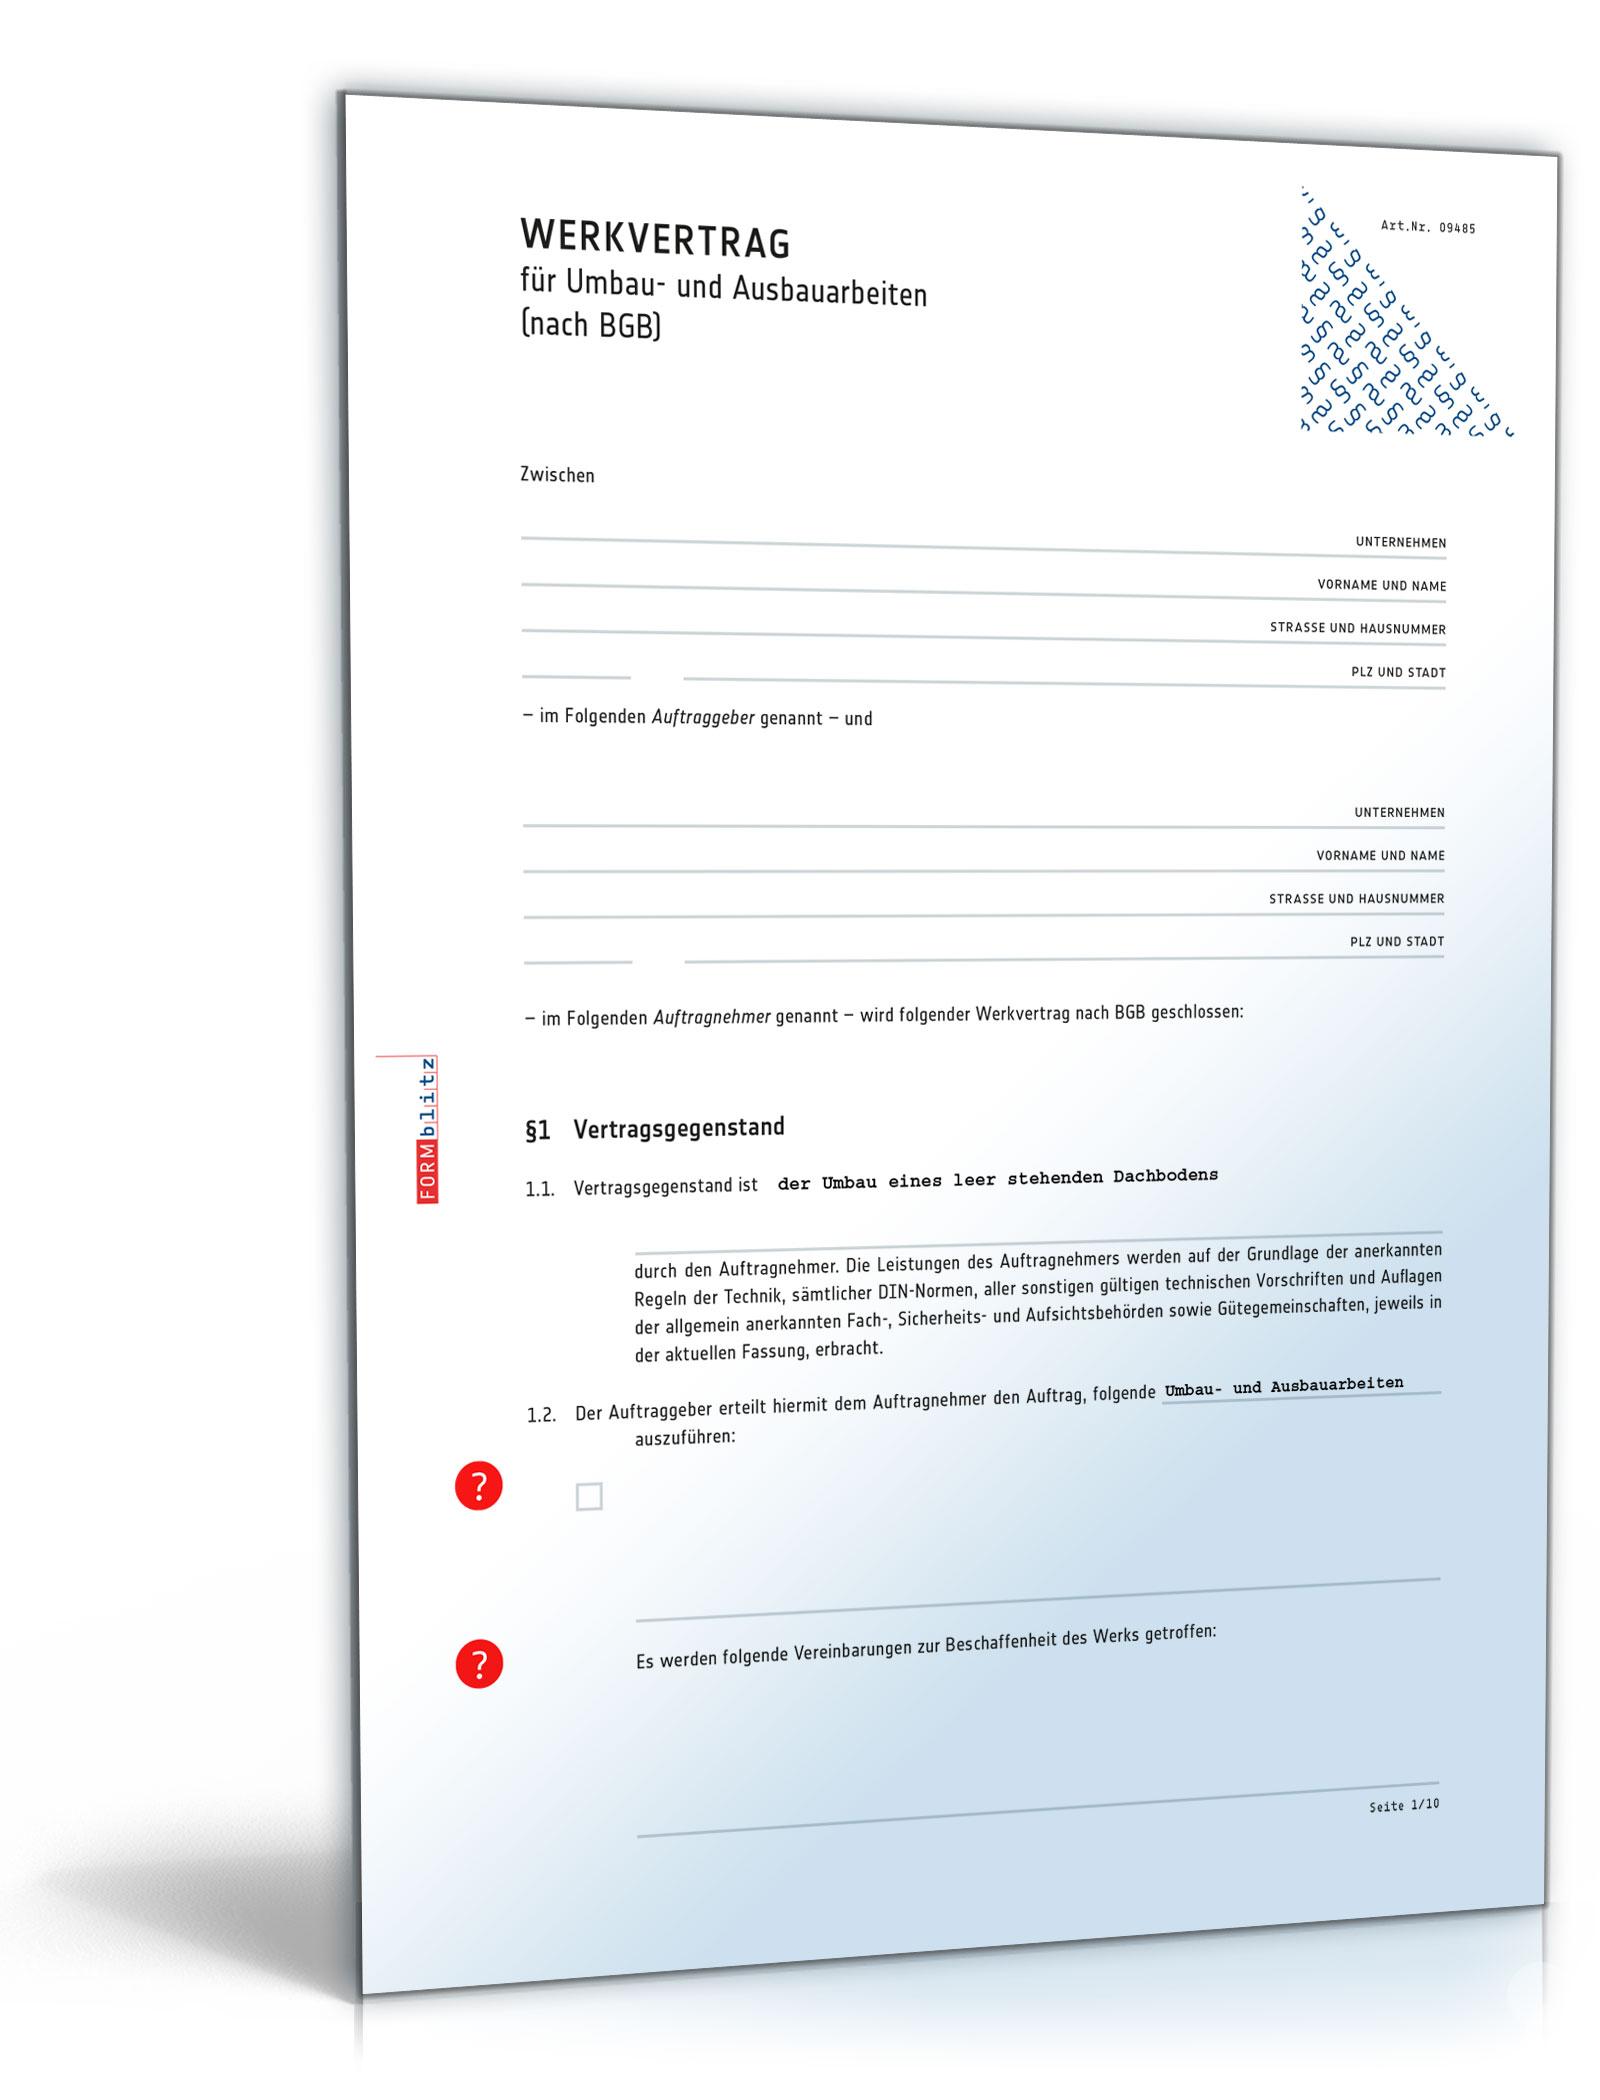 Werkvertrag zu Umbau- und Ausbauarbeiten [Word Dokument]